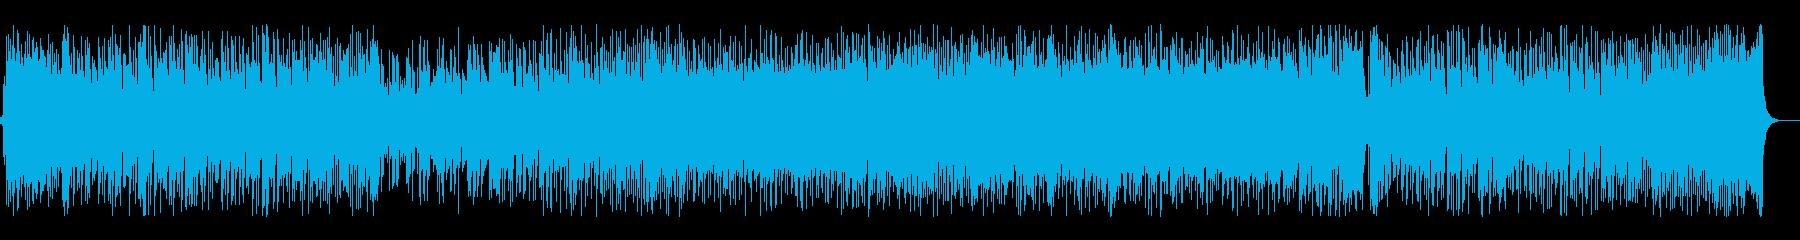 爽やかな疾走感~バイオリン旋律のポップスの再生済みの波形